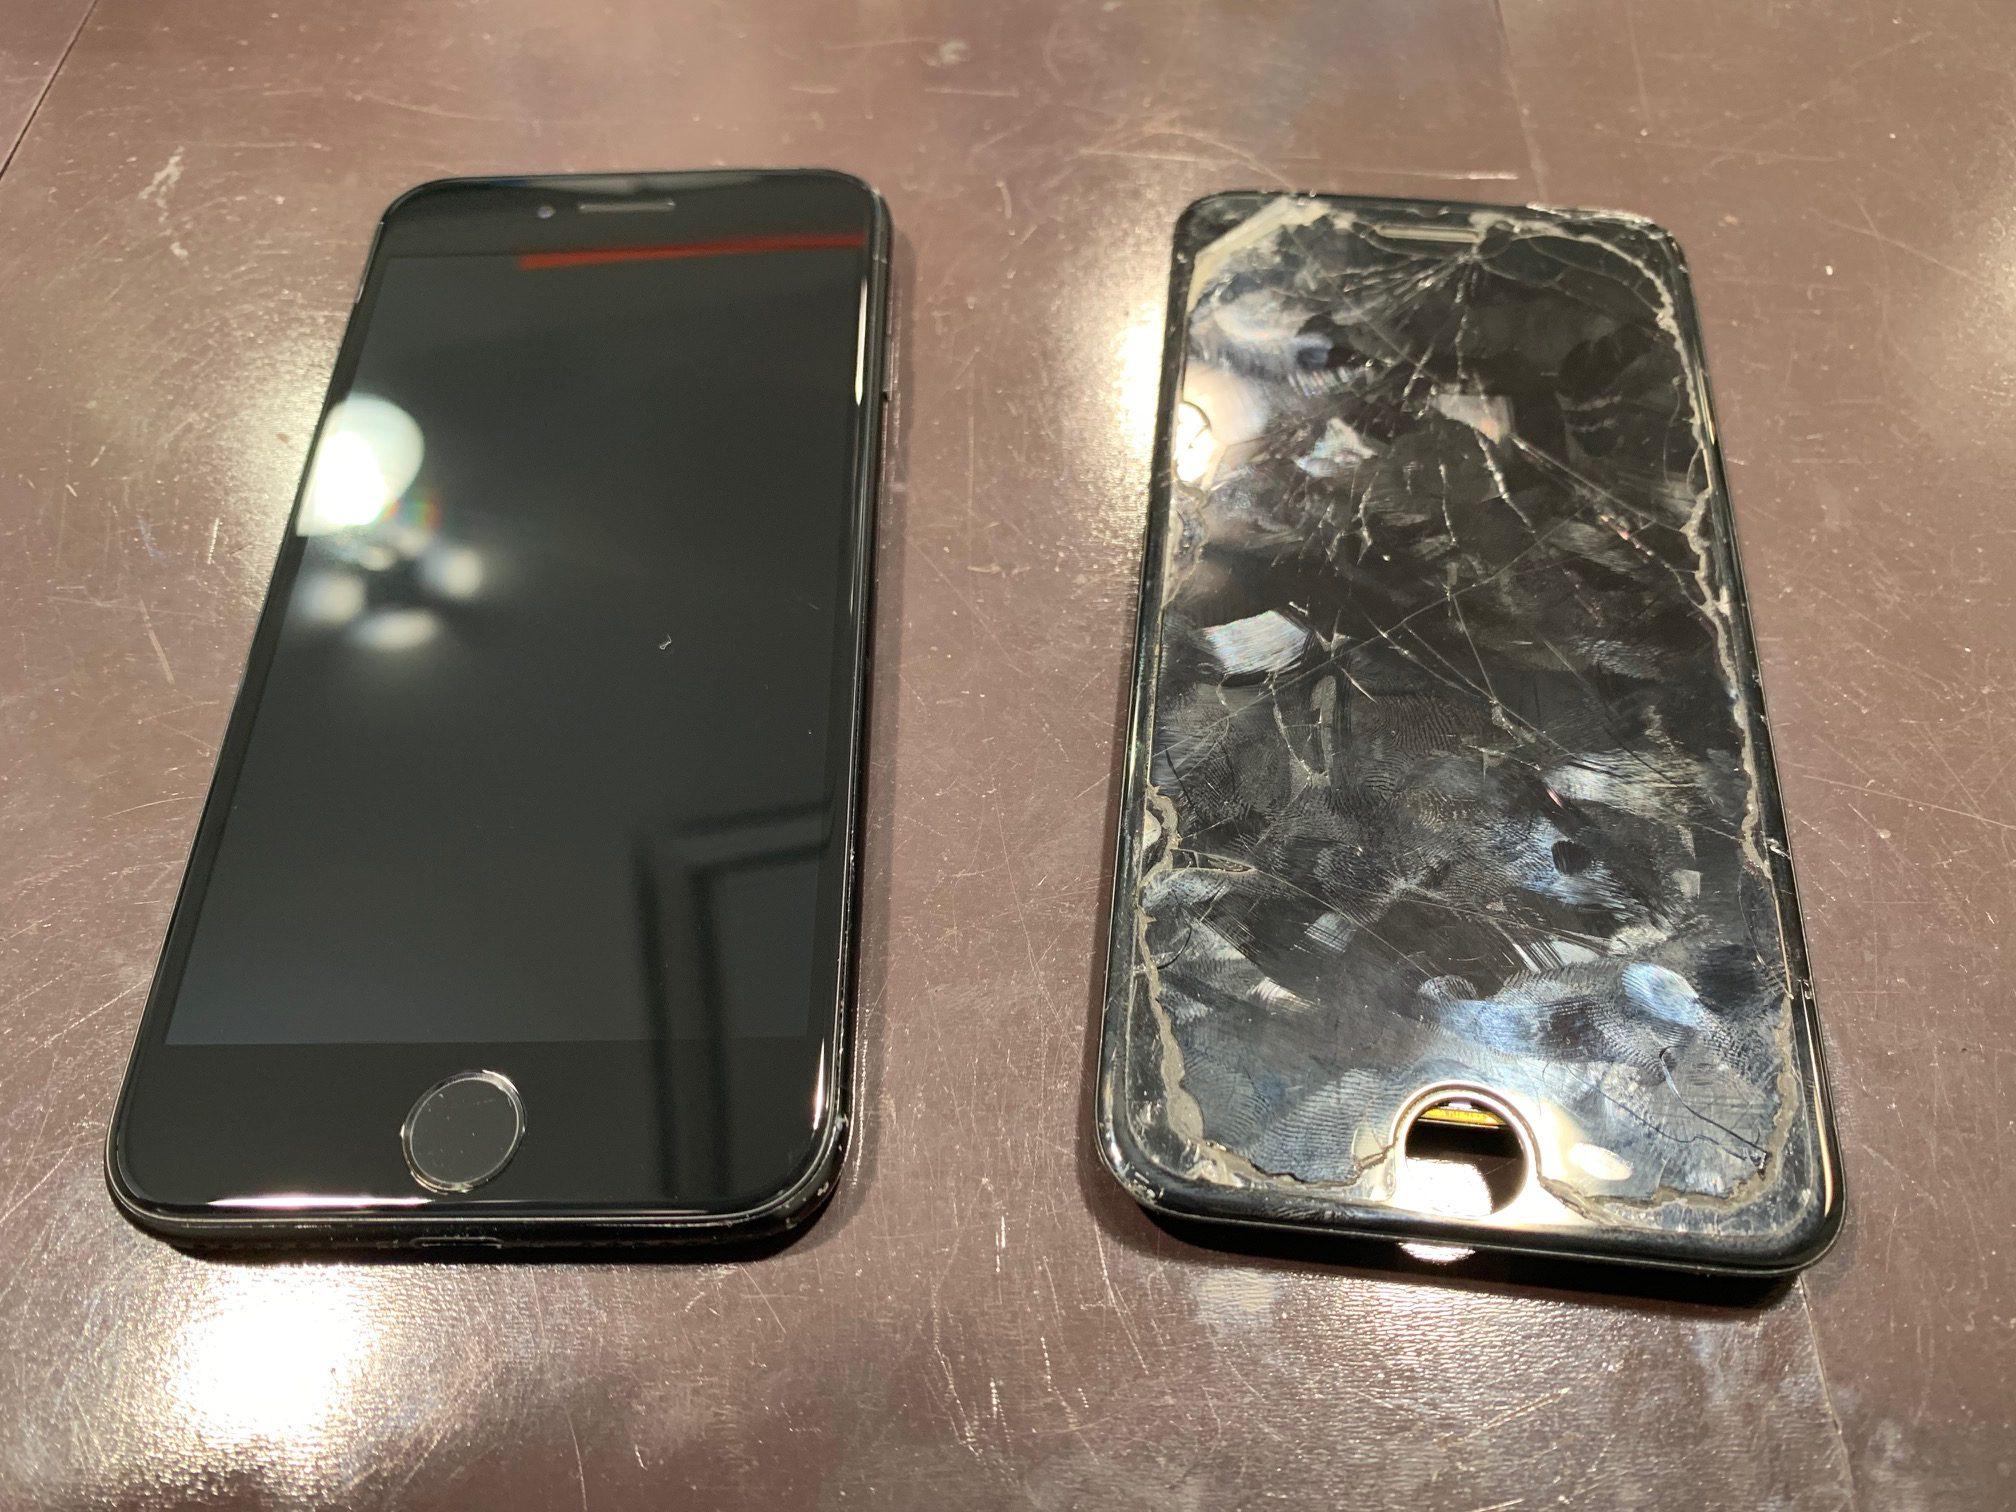 アイフォン7画面修理最短30分~!中のデータそのまま・平日最大5時間無料の大型駐車場アリ☆彡ガラスが割れたままでは下取り価格がガクンと落ちます![川西市よりお越しのお客様]